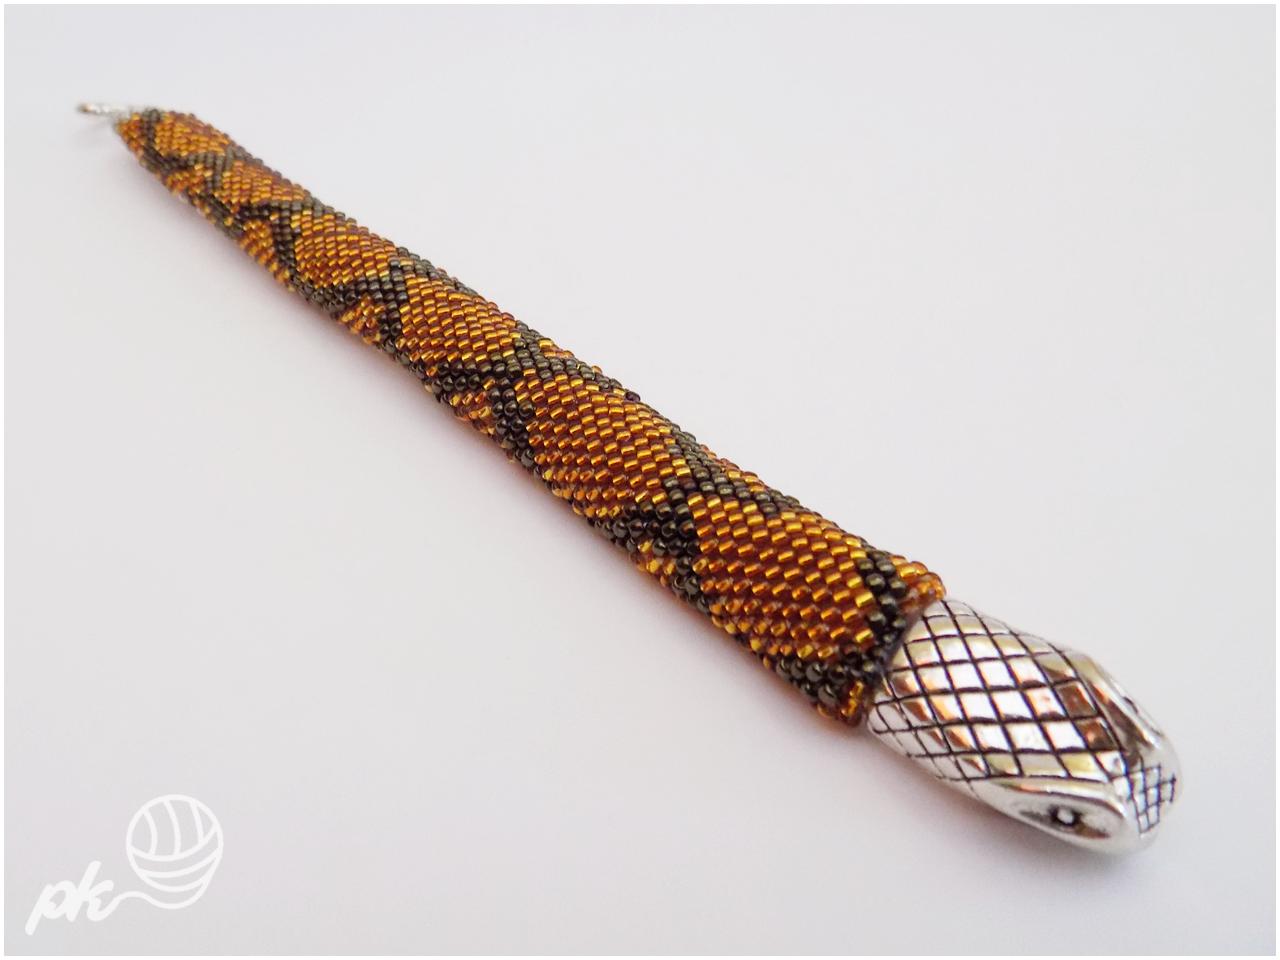 ukośnik, bransoletka, handmade, rękodzieło, biżuteria, skóra węża, koraliki toho,